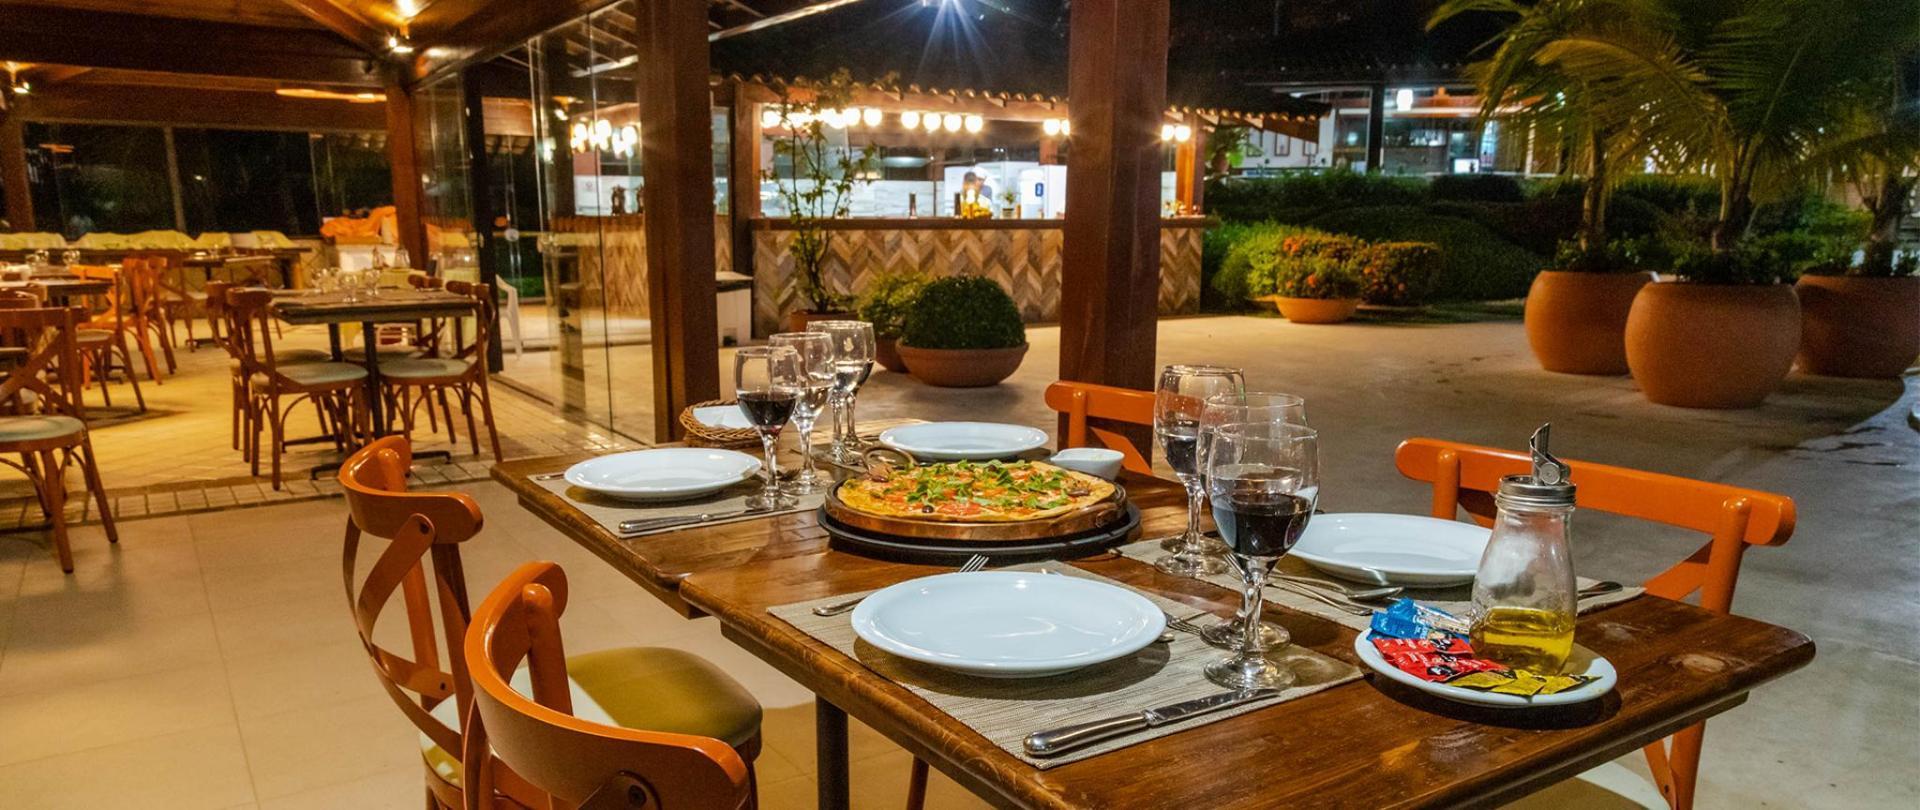 restaurante_PSpng.png